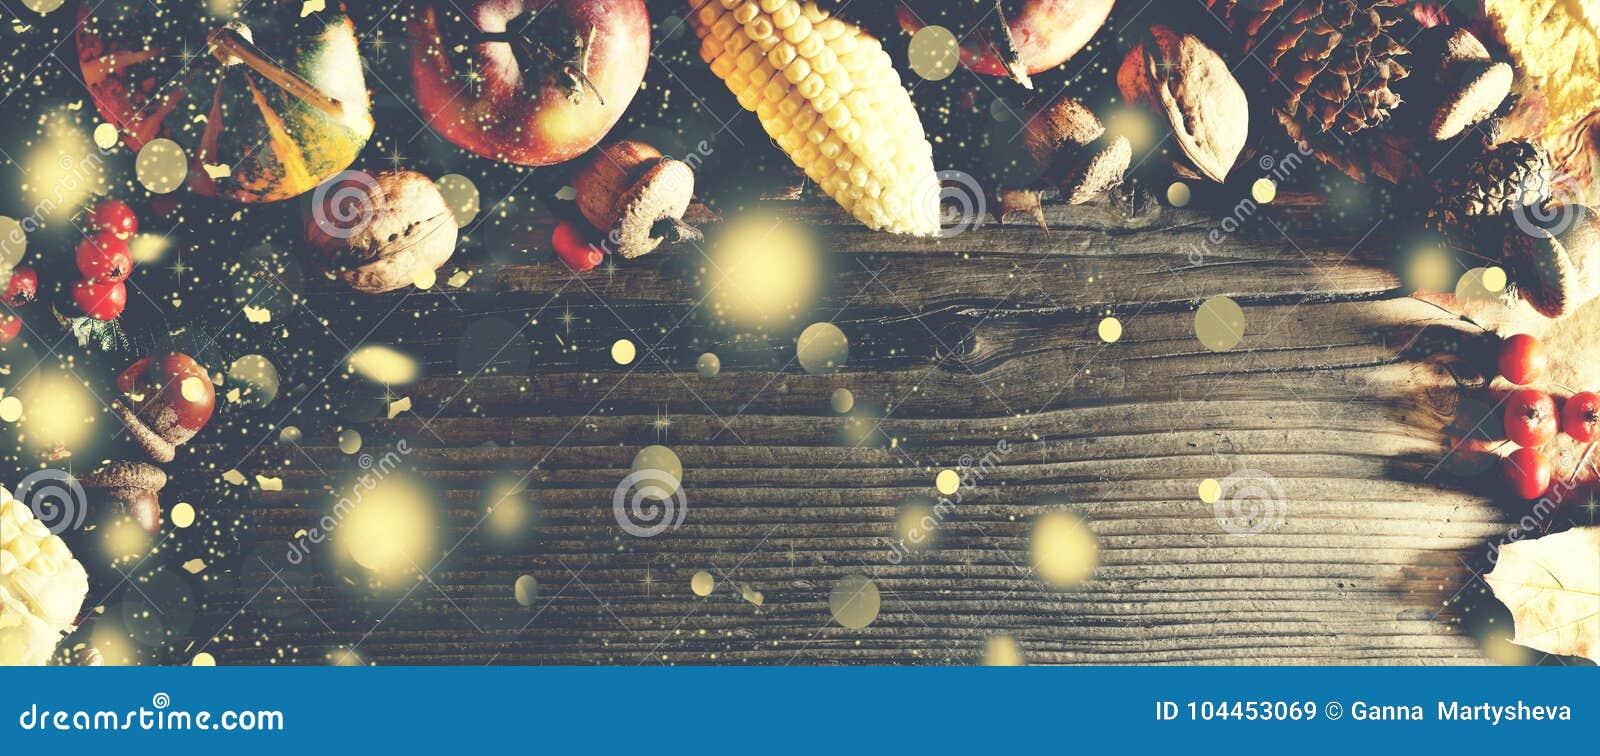 Dziękczynienia tło z spada złocistym śniegiem Banie i różnorodne jesieni owoc Rama z sezonowymi składnikami w Thanksgivin